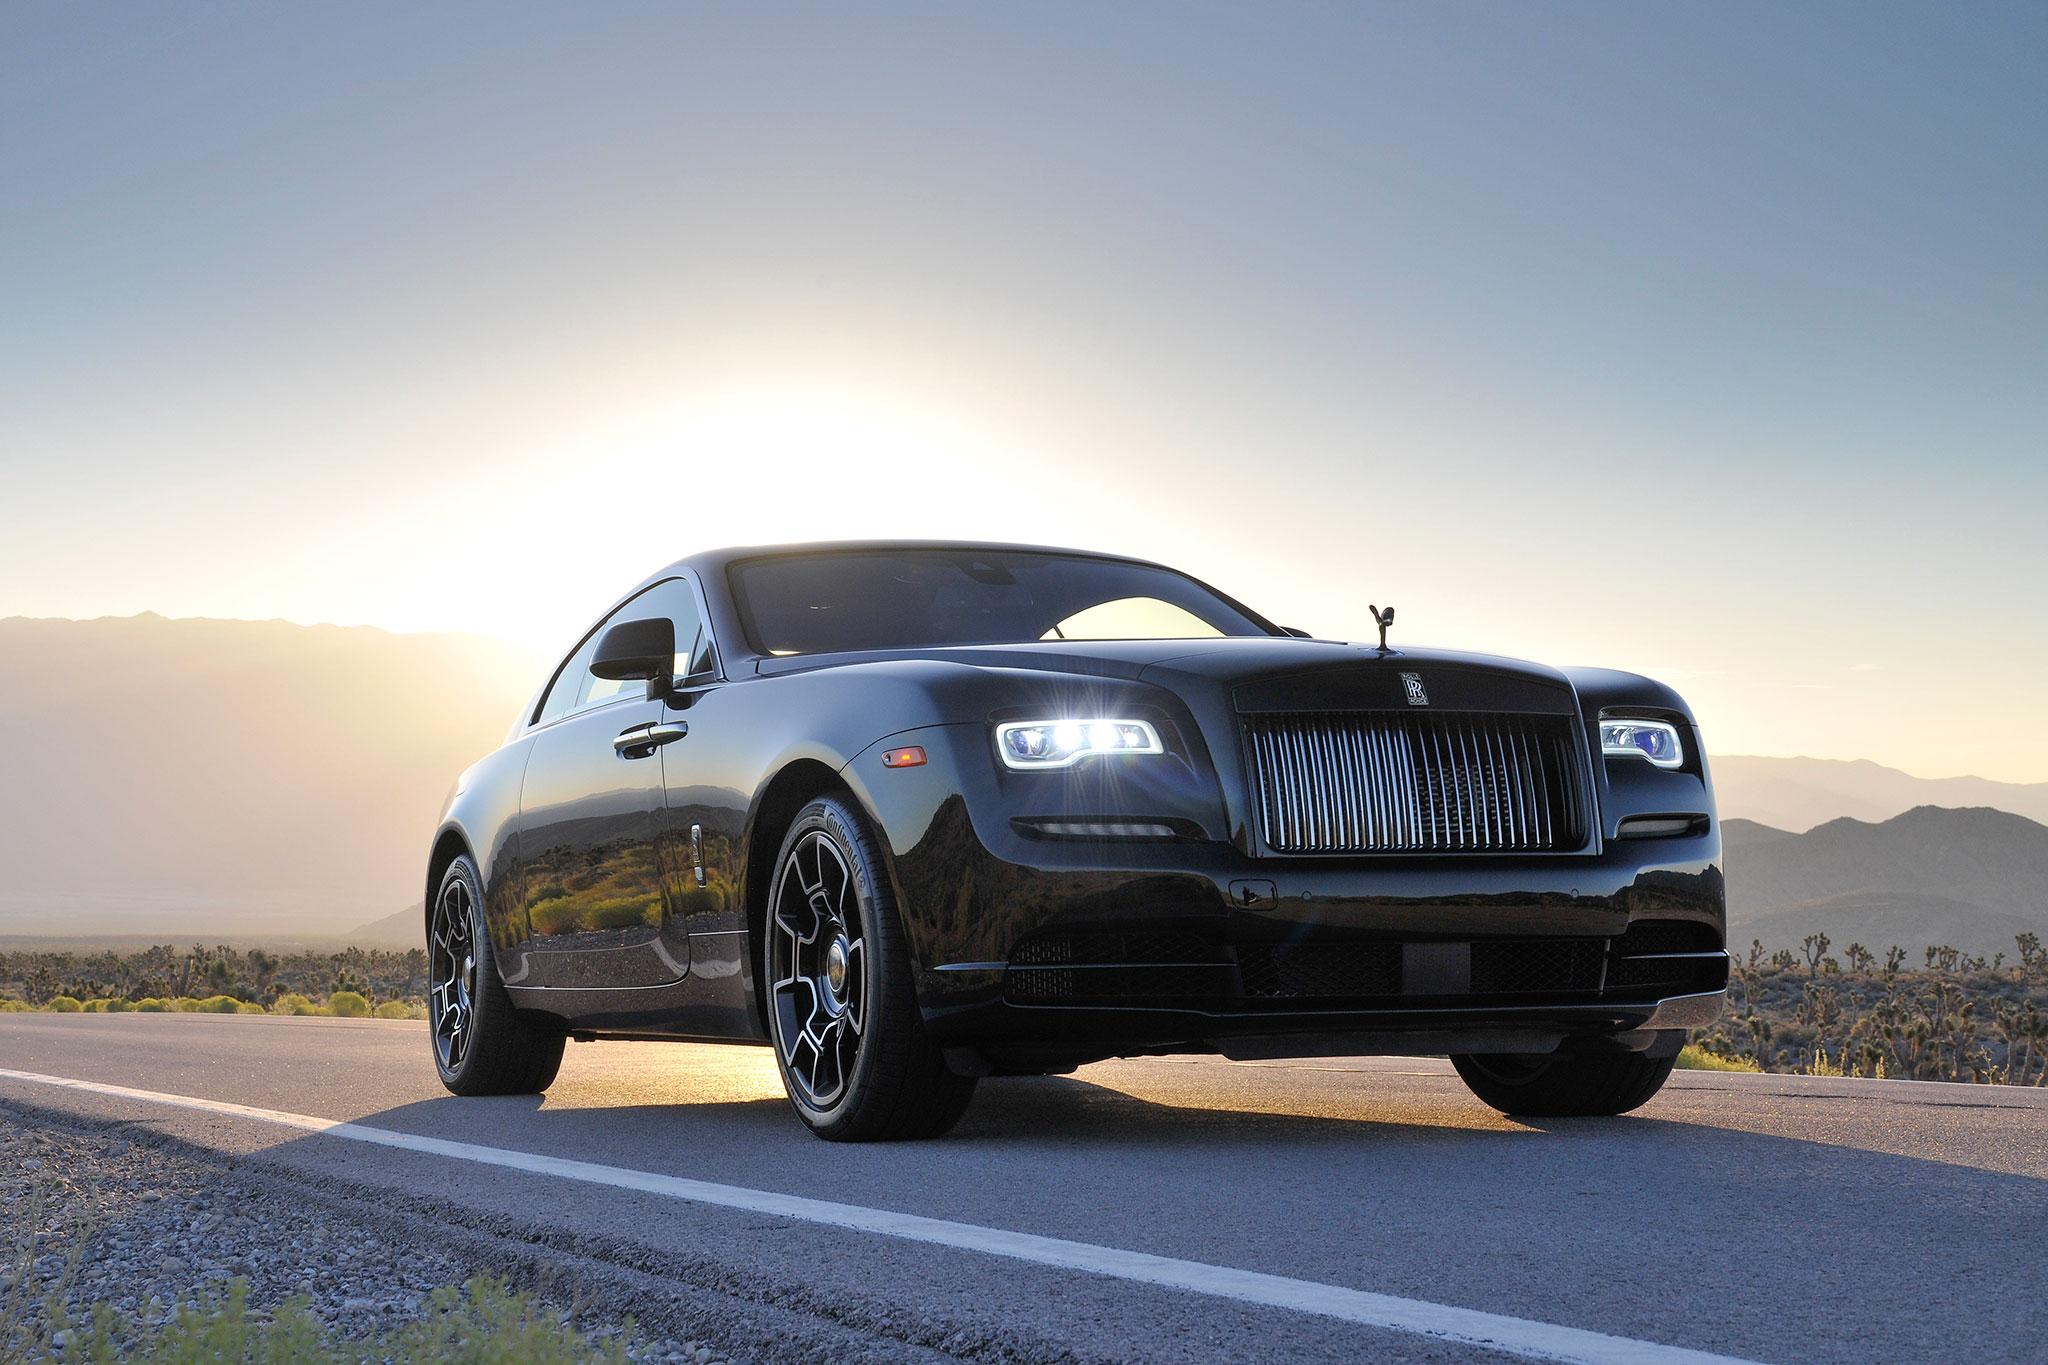 Rolls Royce Wraith 0 60 >> 2017 Rolls-Royce Wraith Black Badge First Drive